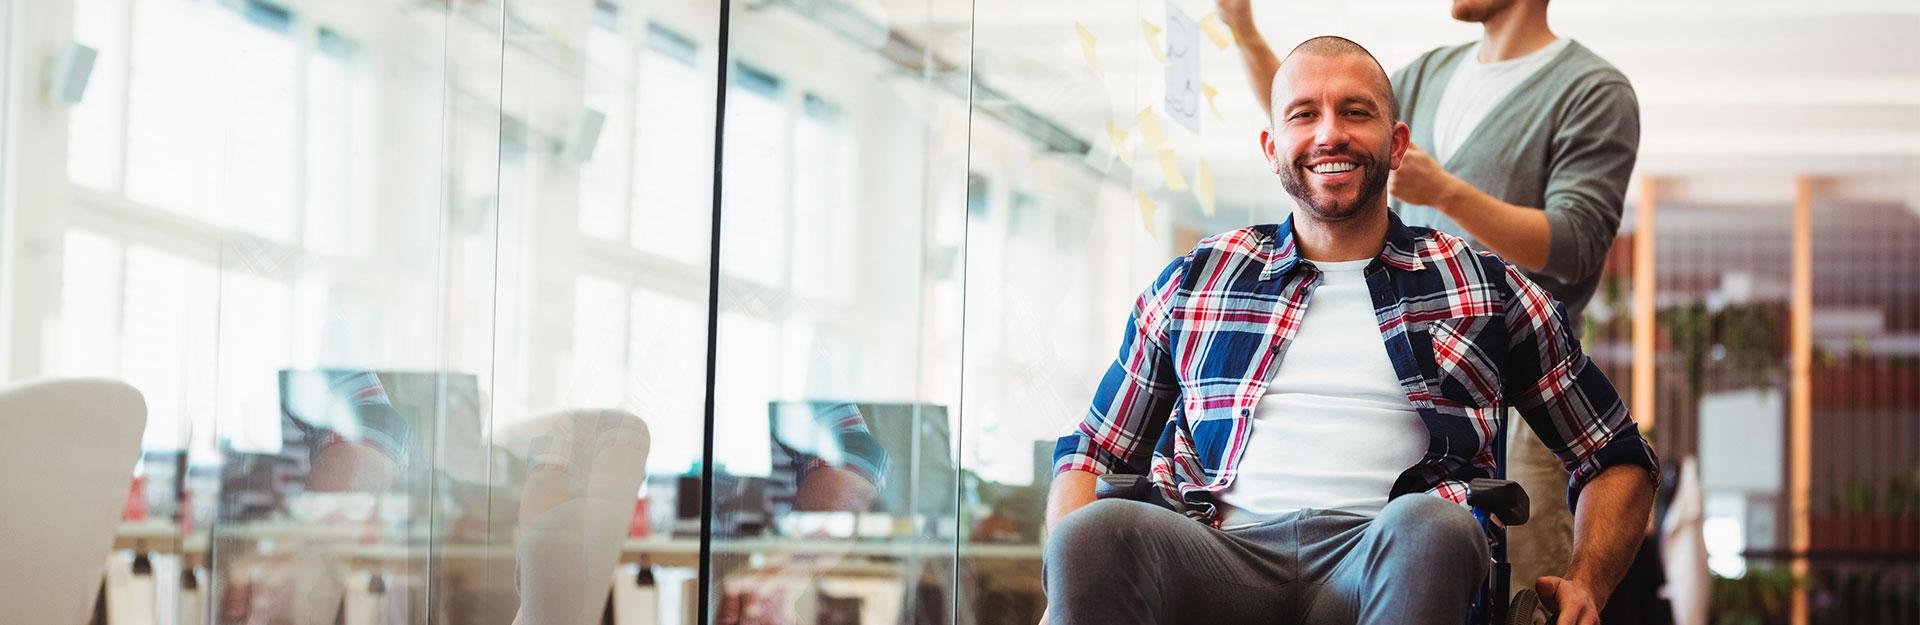 Un hombre en silla de ruedas sonríe en la oficina mientras otro trabaja al fondo.